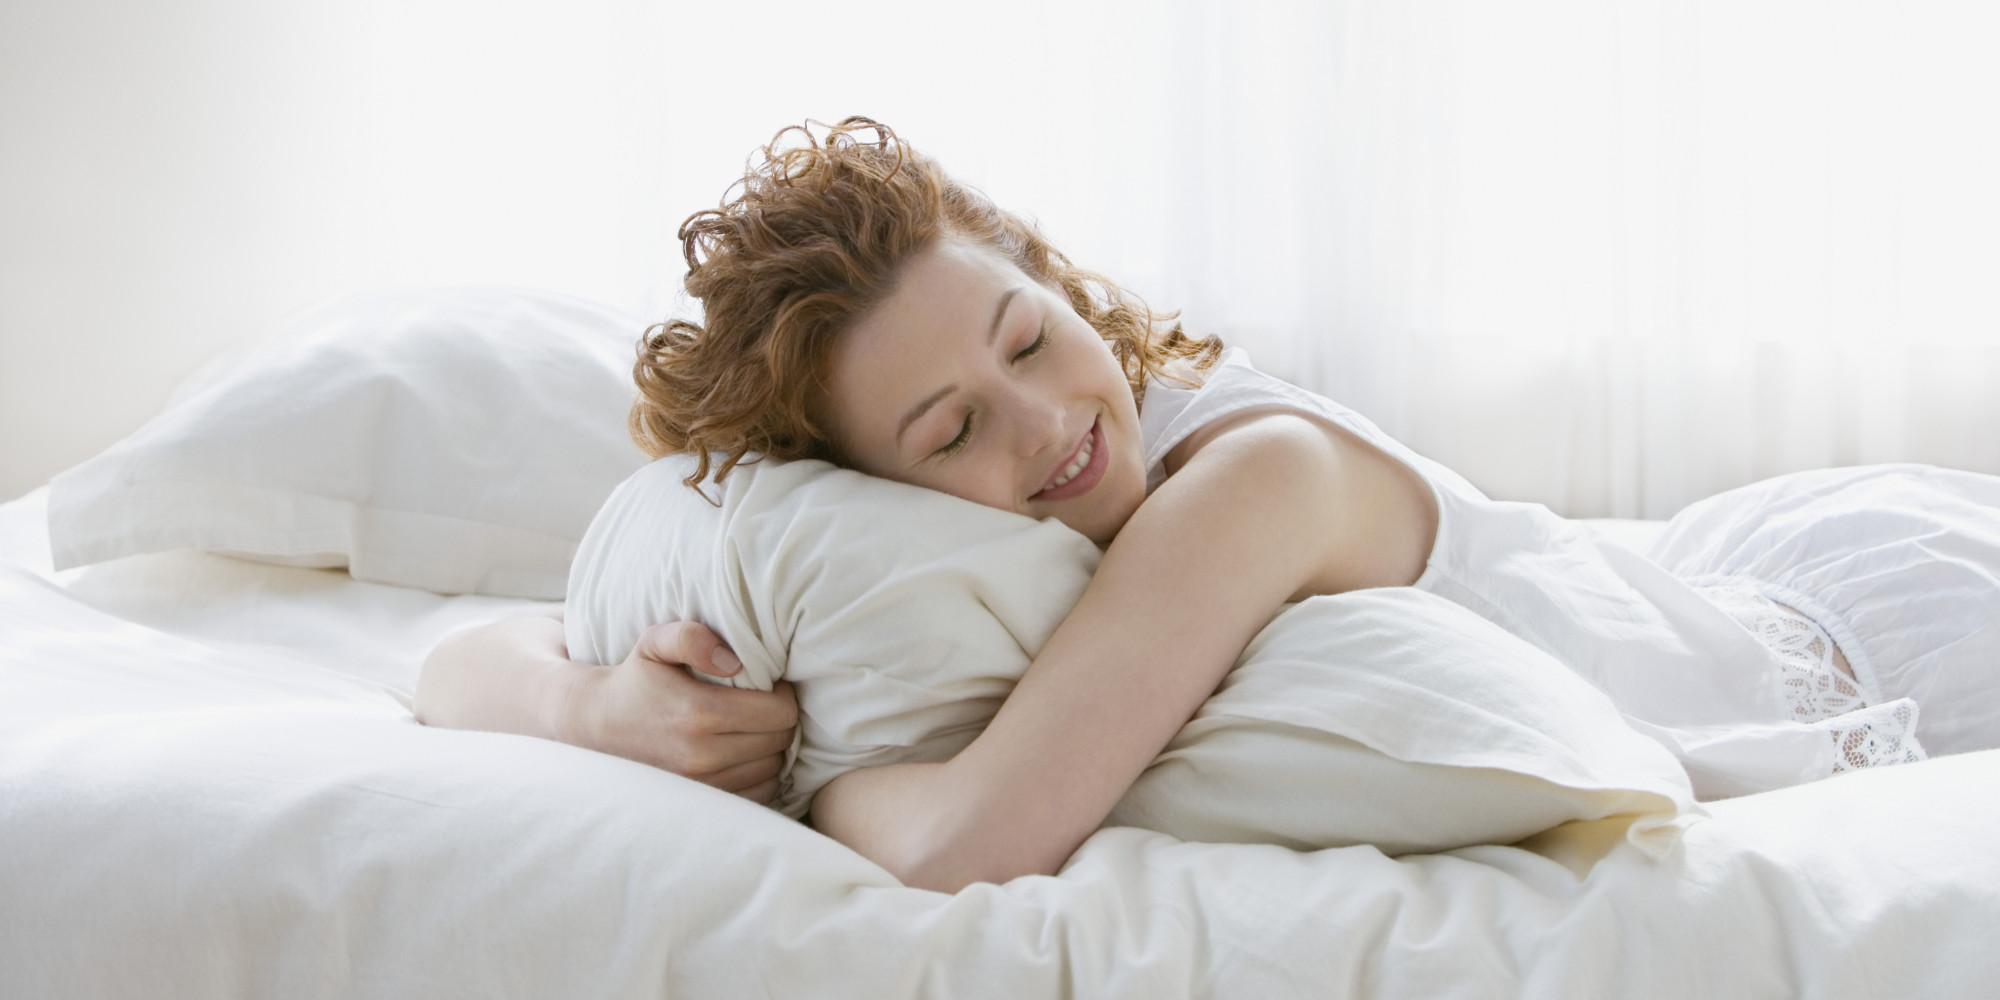 Sleeping Teen Create 105